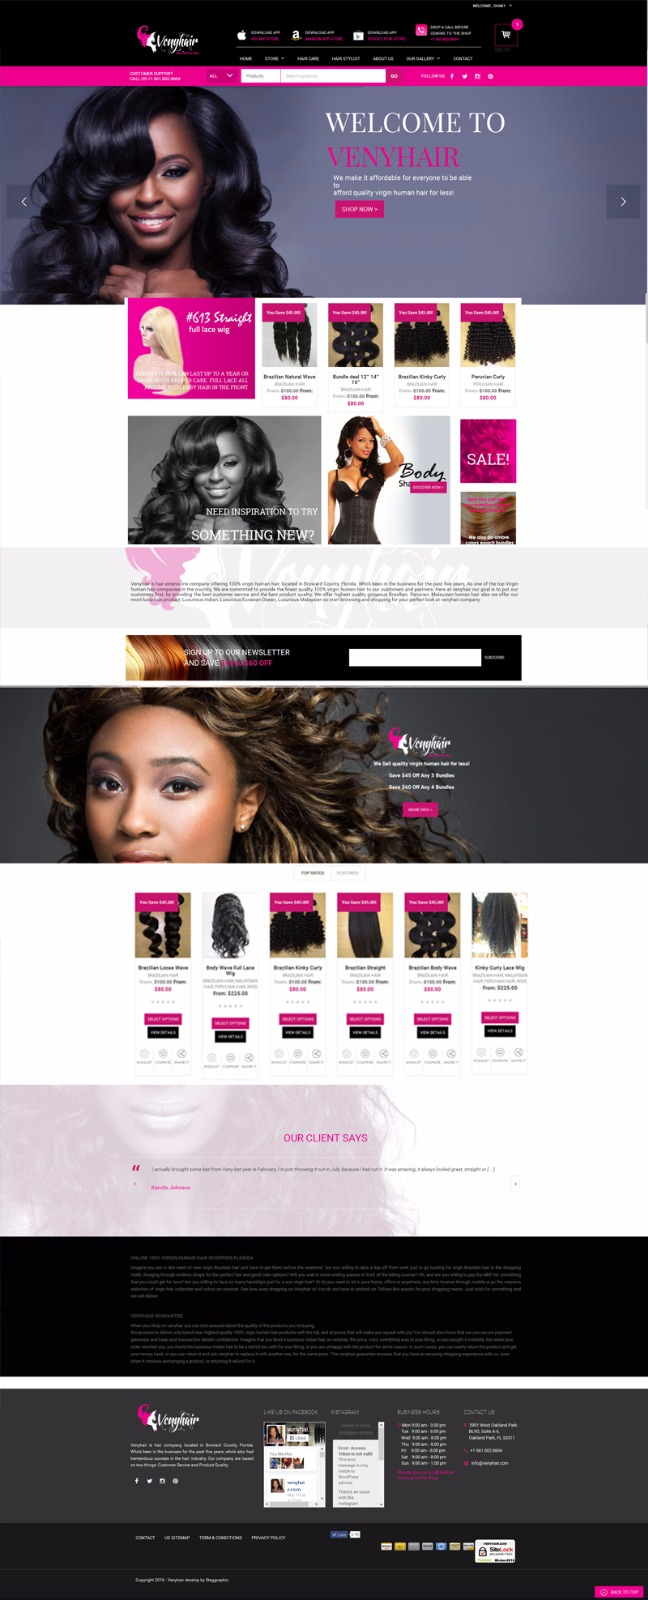 venyhair websitedesign staggraphic